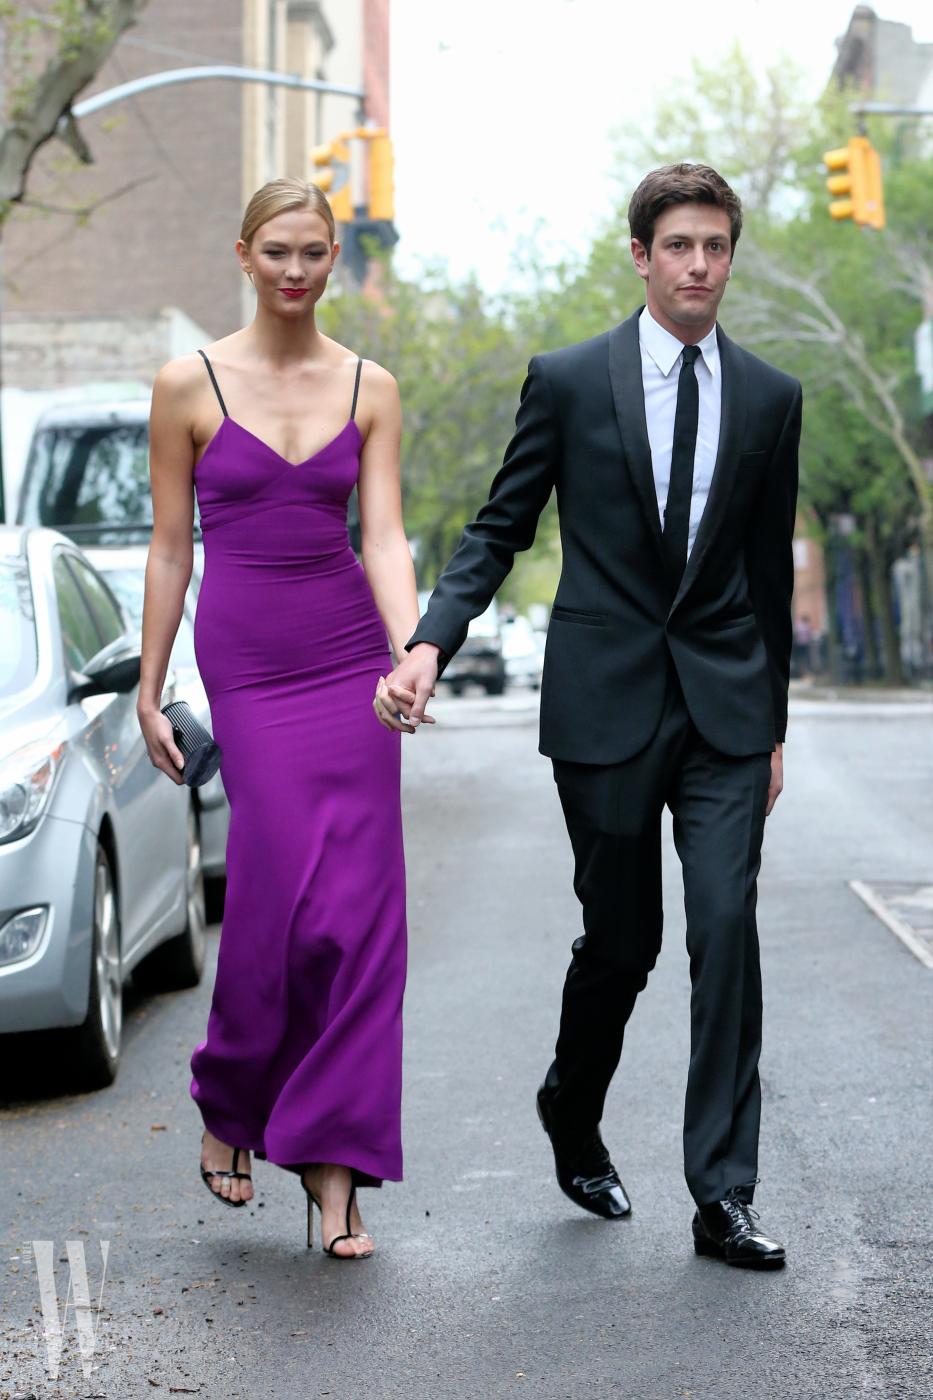 Model Karlie Kloss looks adoringly at boyfriend Joshua Kushner en route to Time 100 Gala